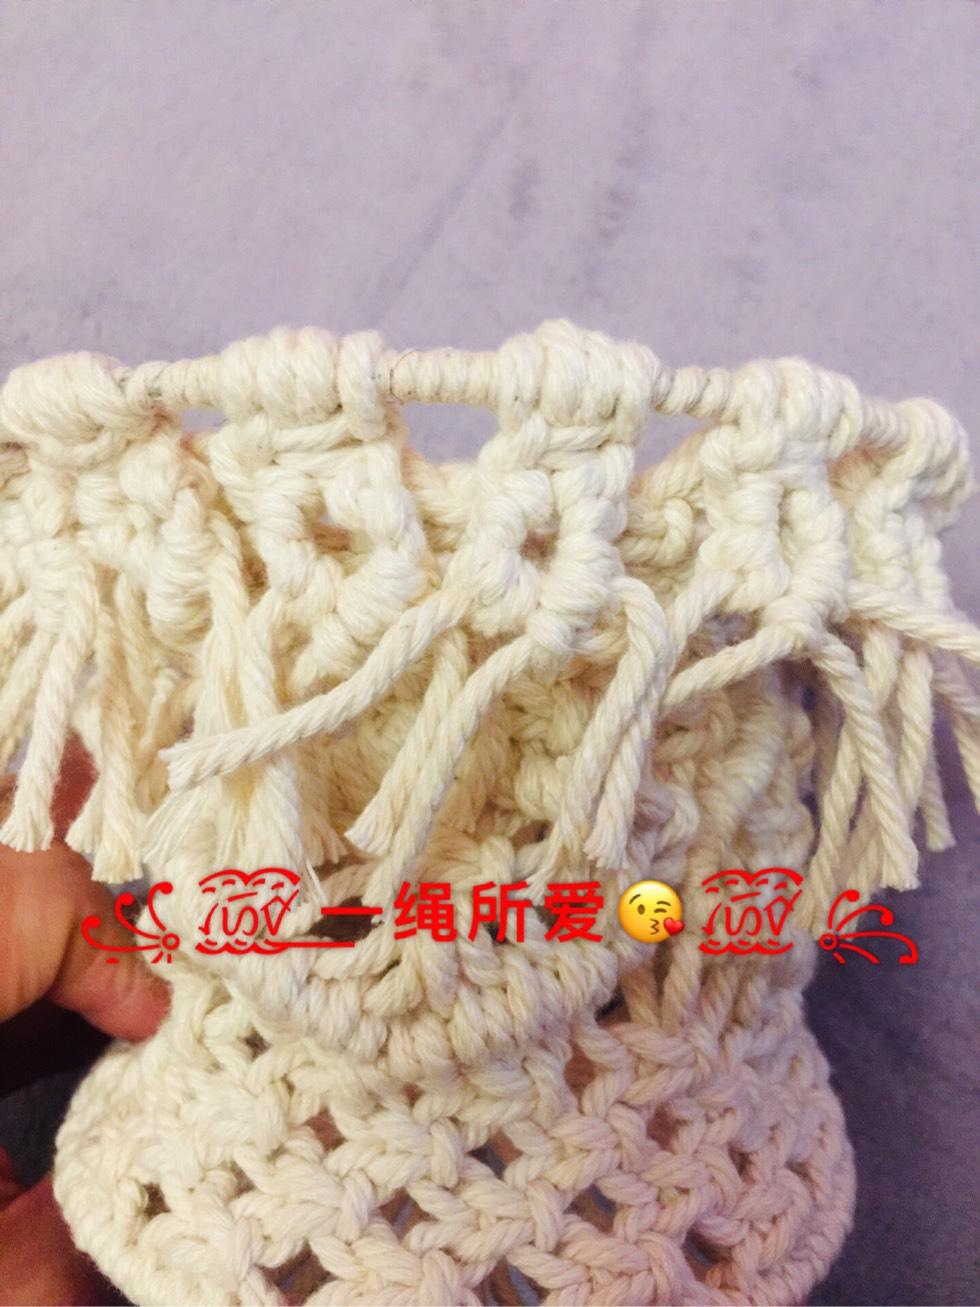 中国结论坛 原创·Macrame 收纳篮  立体绳结教程与交流区 143038xwrc4d9dhz5eqre5